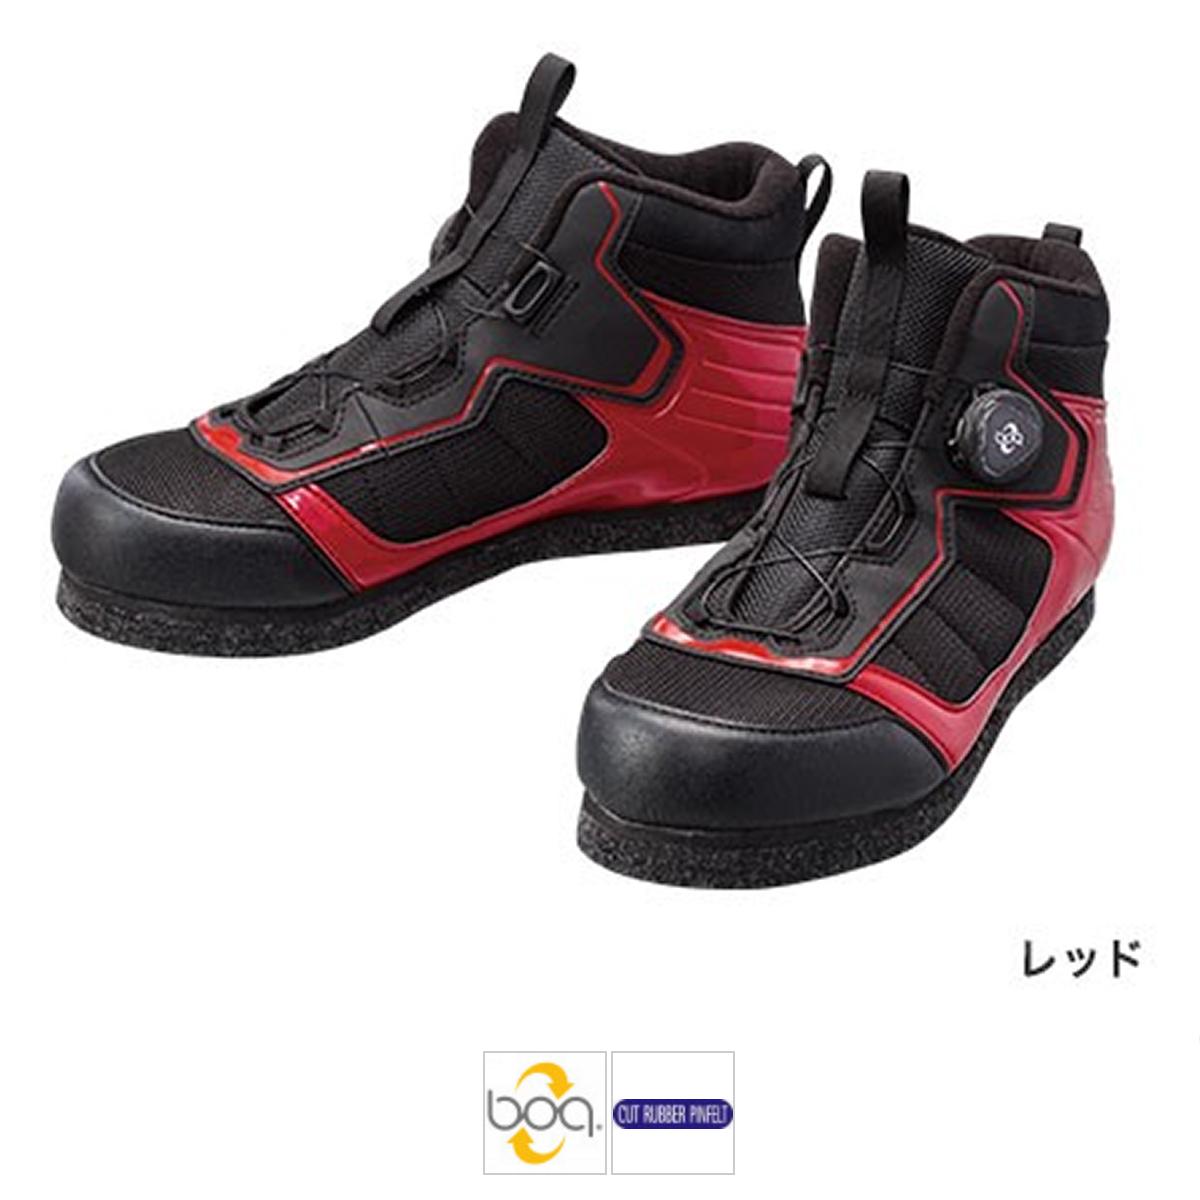 シマノ カットラバーピンフェルトフィットシューズ LT FS-041Q 25cm レッド(東日本店)